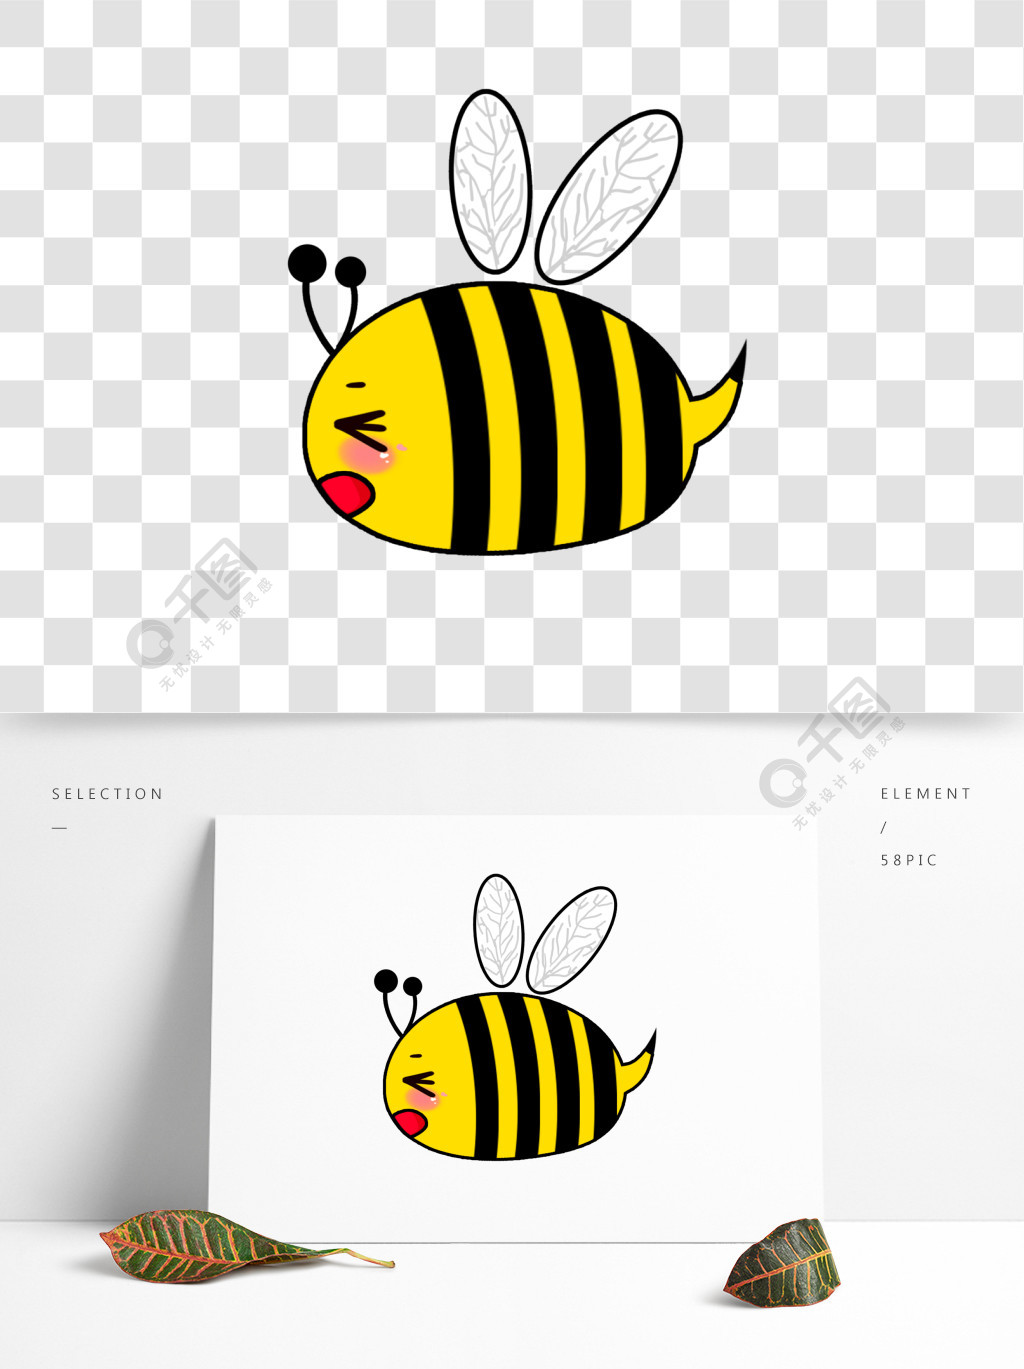 动物动物可爱黑元素小兔子黄色gif图片卡通免狐狸城动态模板蜜蜂图片